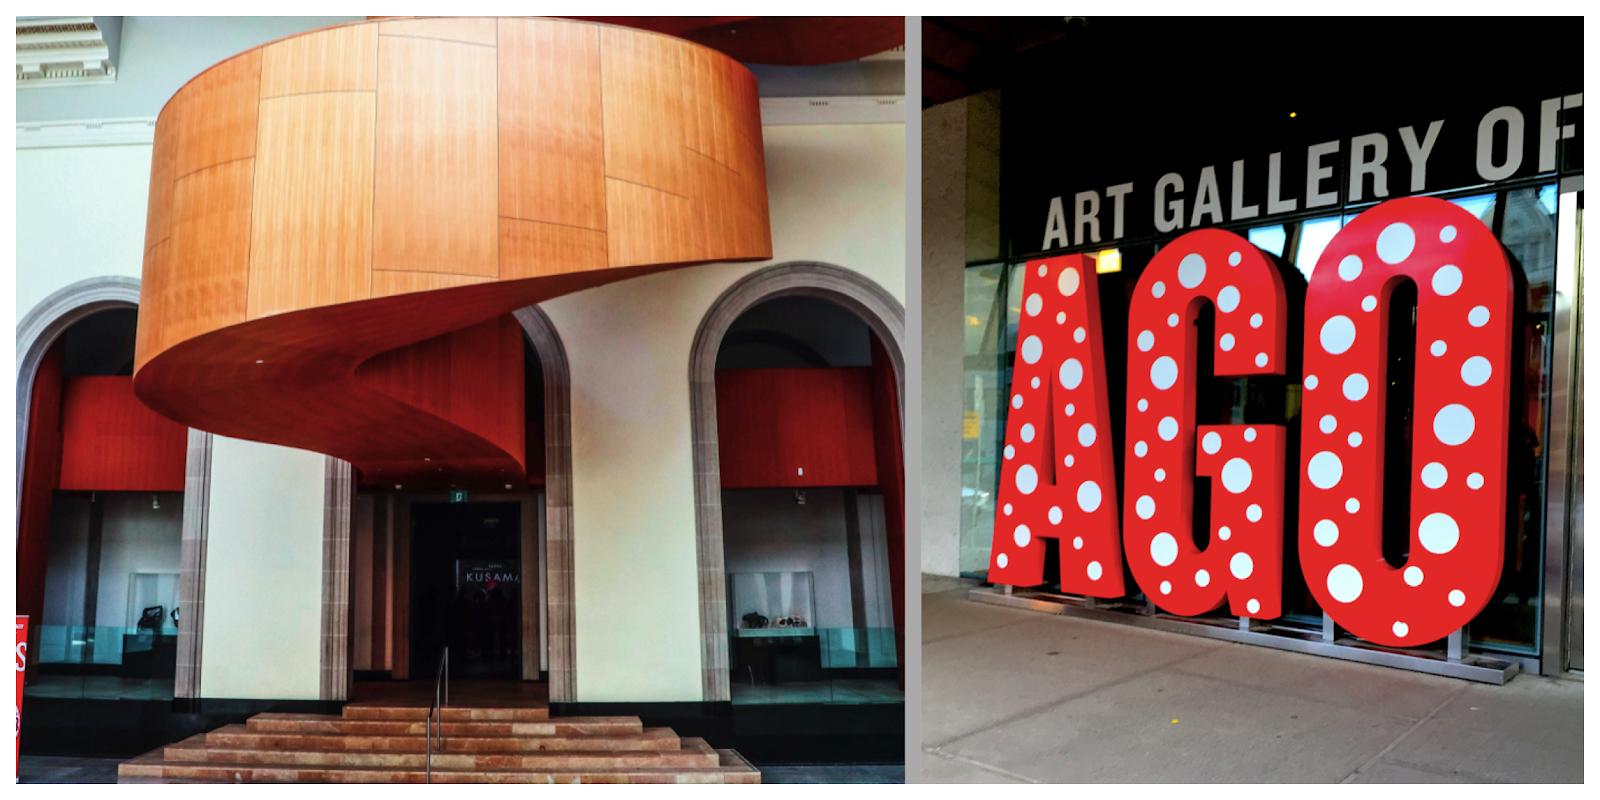 art gallery of ontario staircase entrance AGO